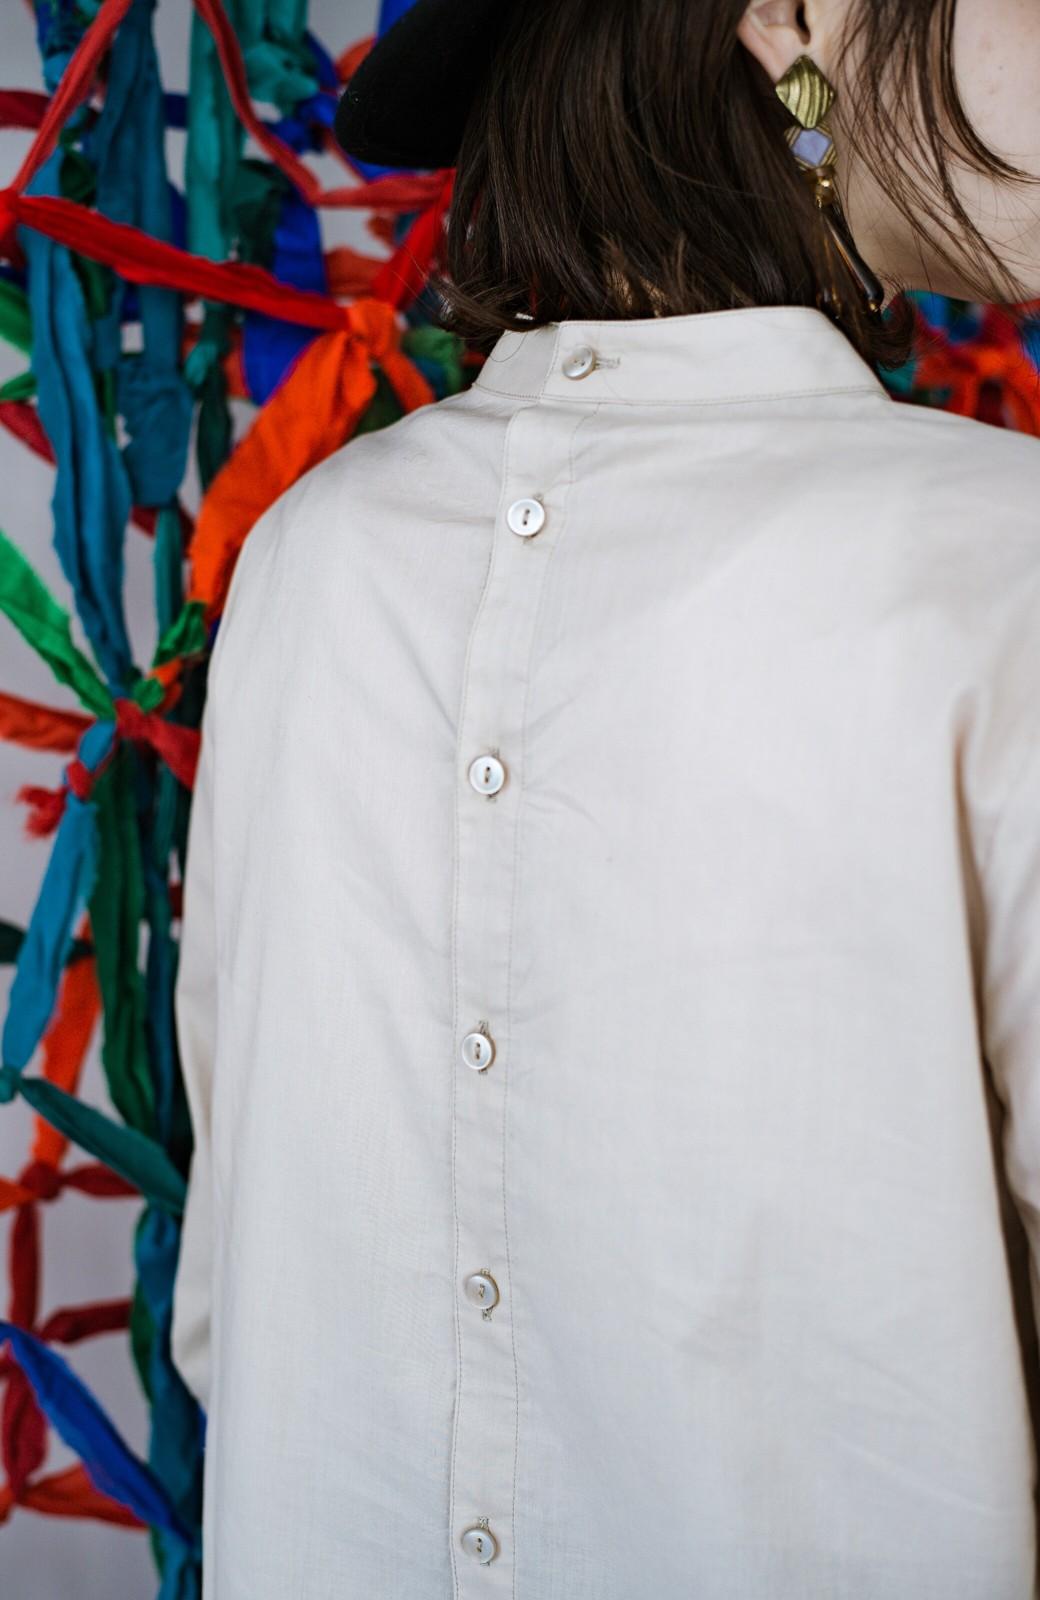 haco! 上品な刺繍がまるでレースのよう オーガニックコットンの袖ぽんわりブラウス from Stitch by Stitch <ライトベージュ>の商品写真11